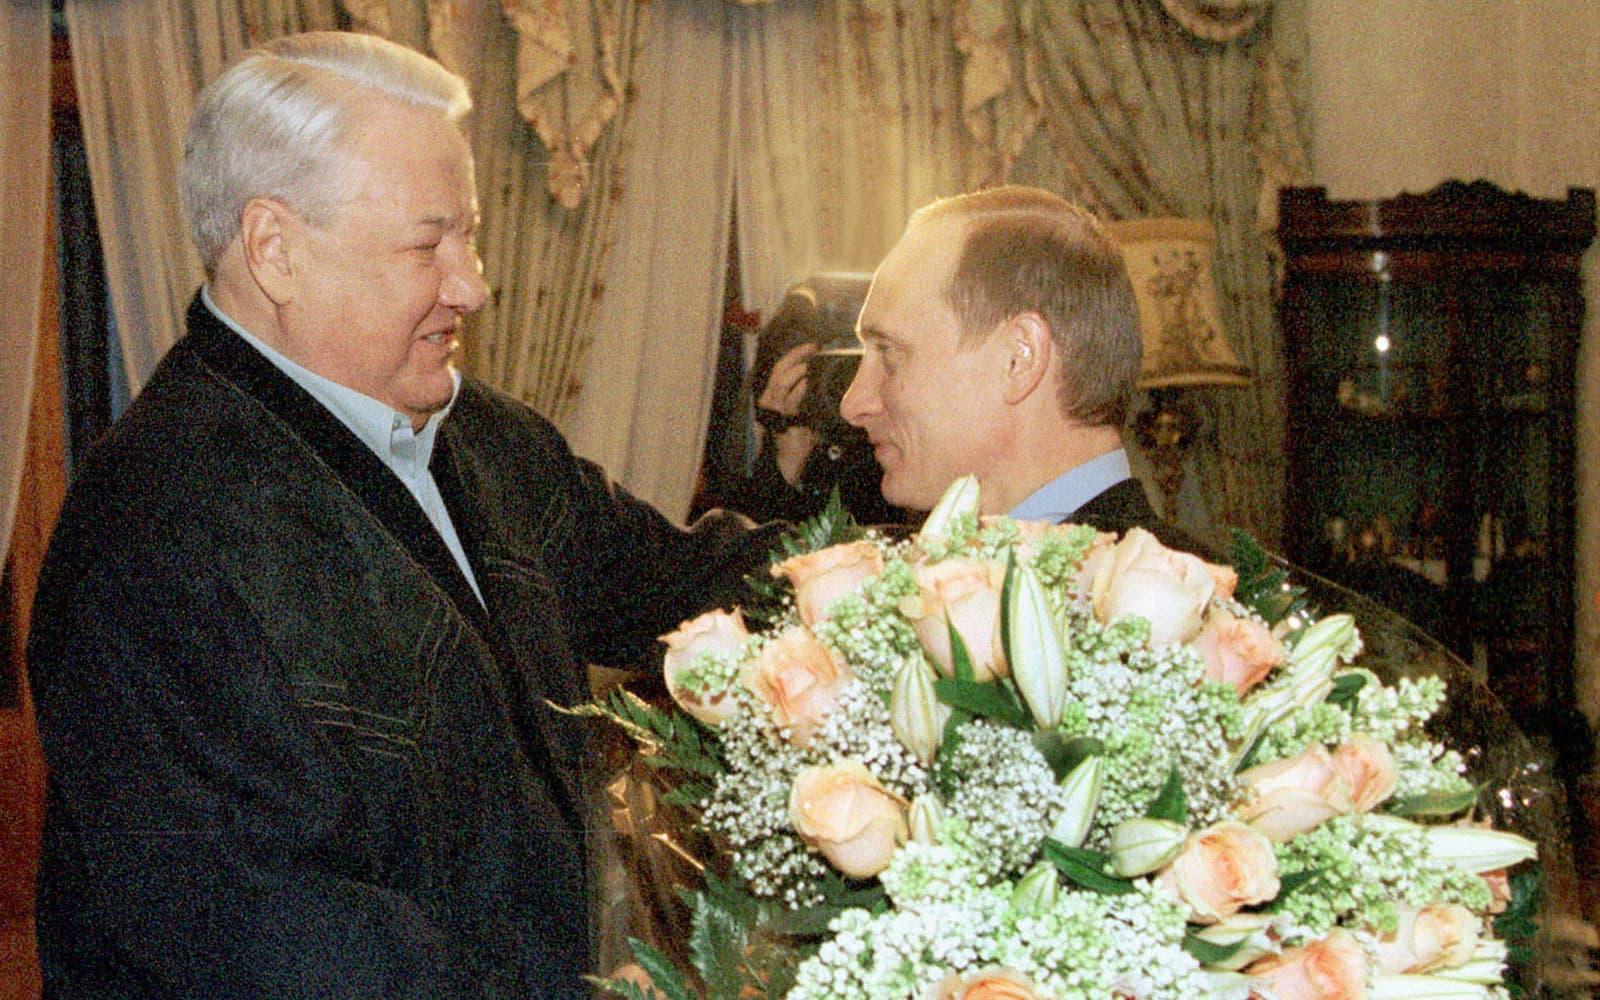 Boris Yeltsin regala un ram de flors al nou president rus Vladimir Putin el març del 2000. Fotografia d'ITAR TASS